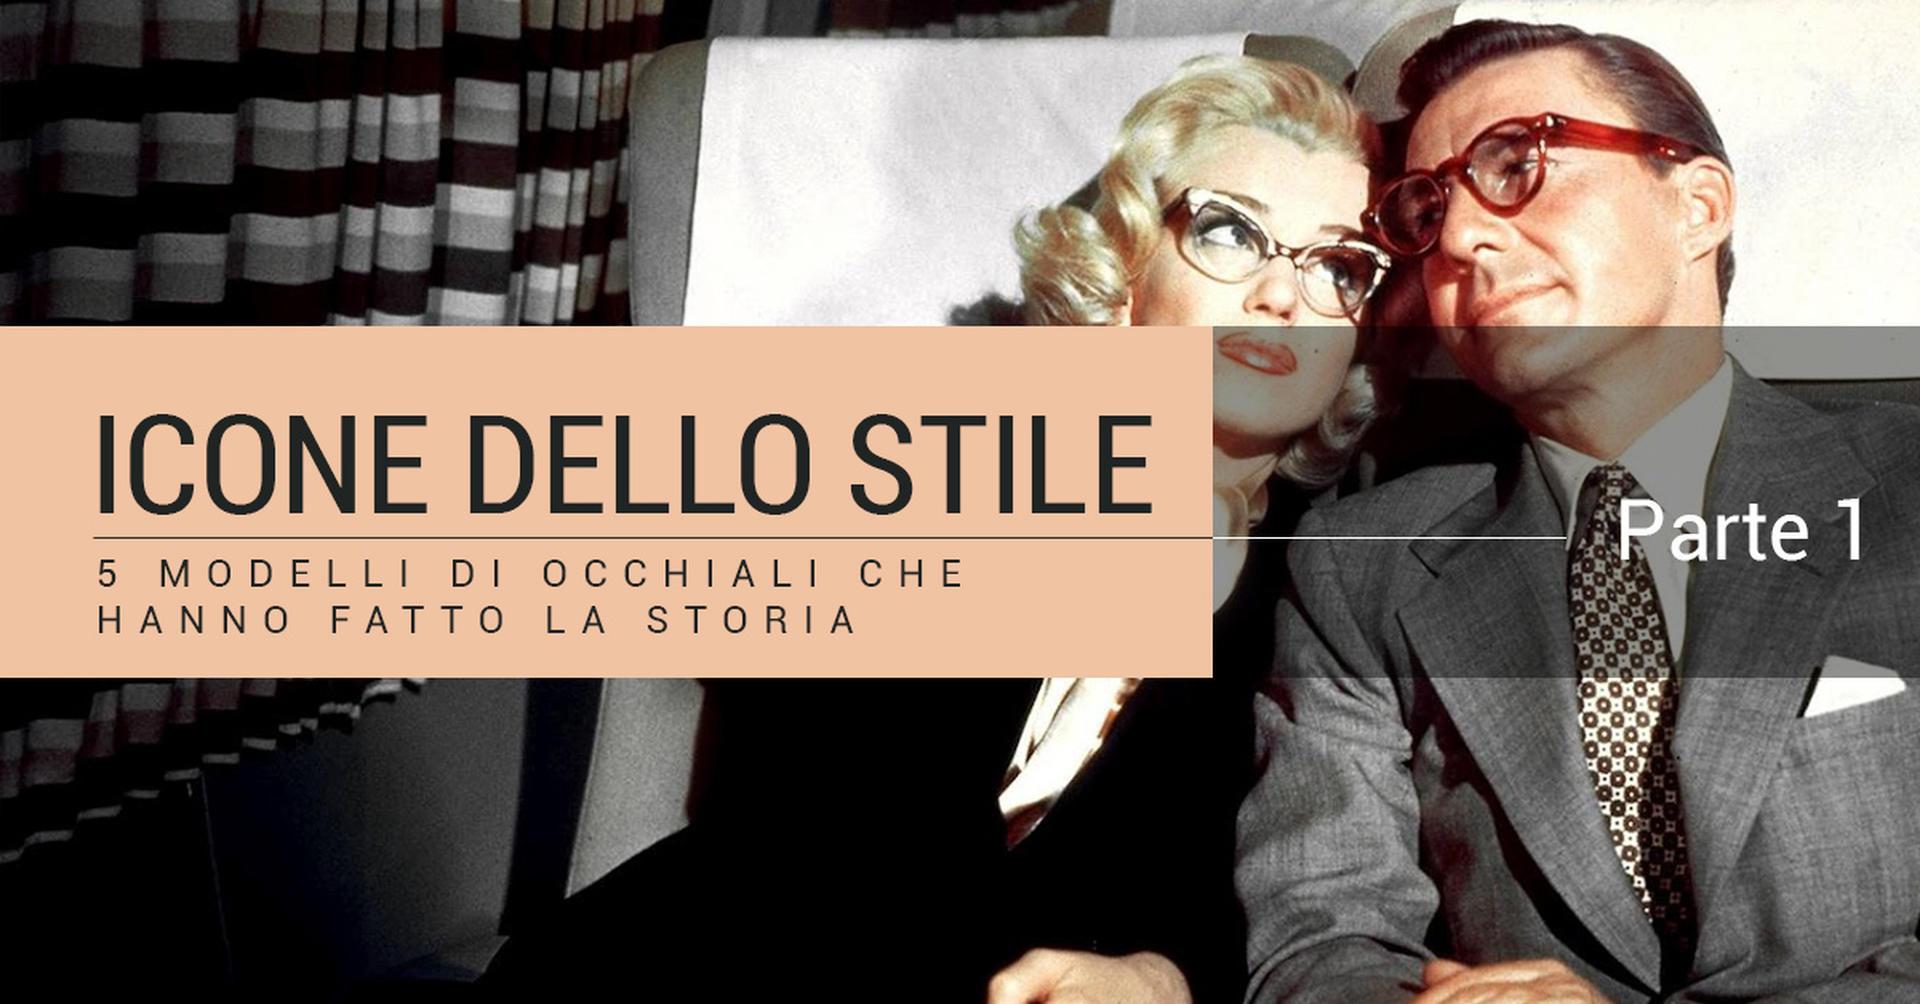 Icone dello stile – 5 modelli di occhiali che hanno fatto la storia (parte 1)